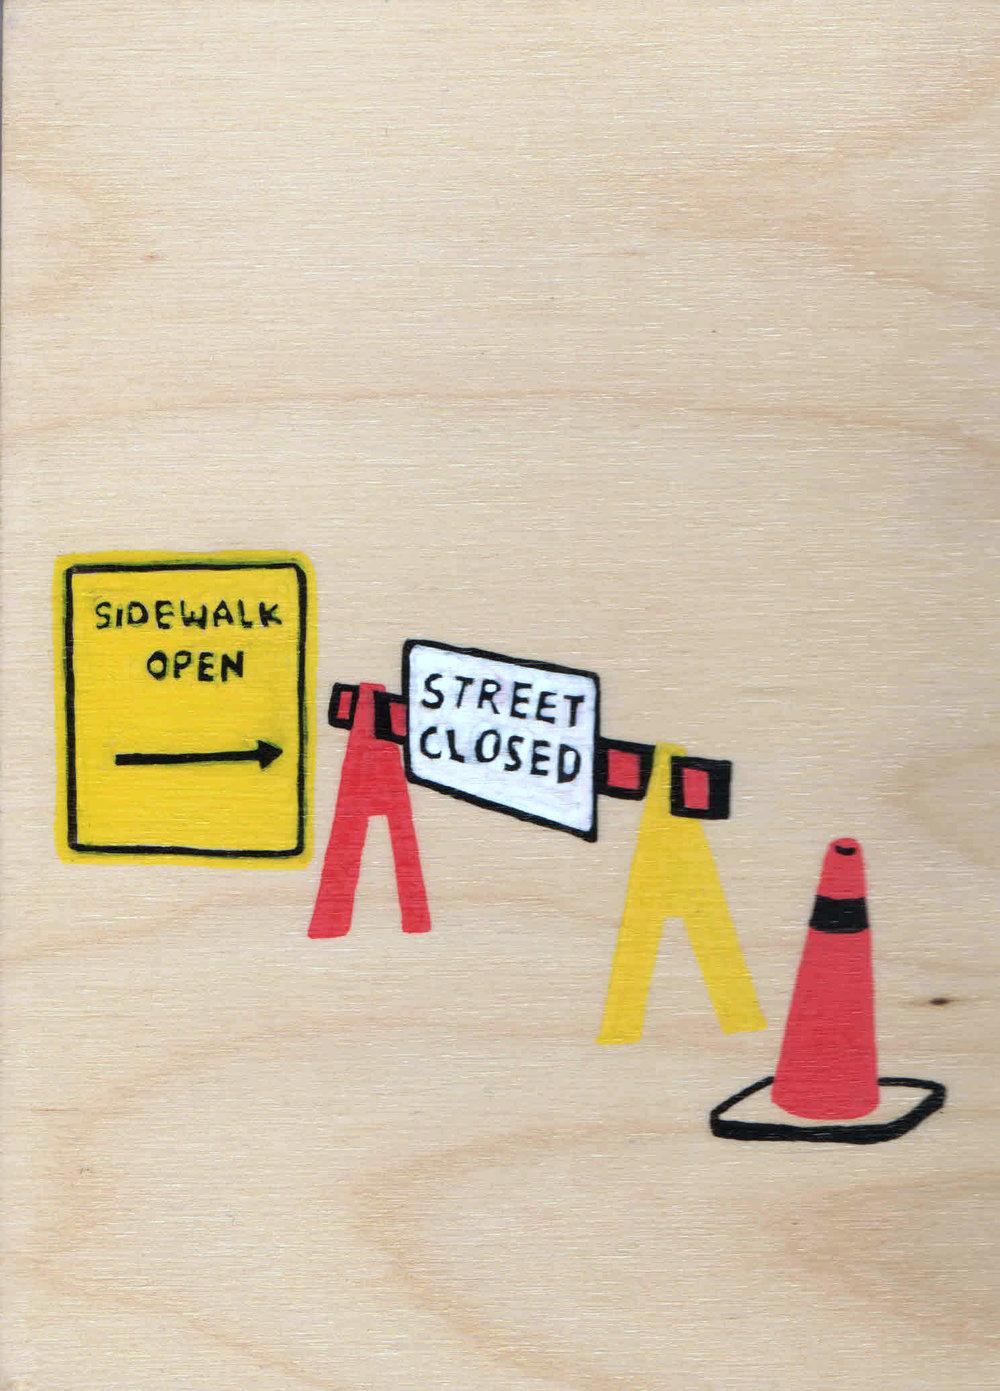 Sidewalk Open/Street Closed